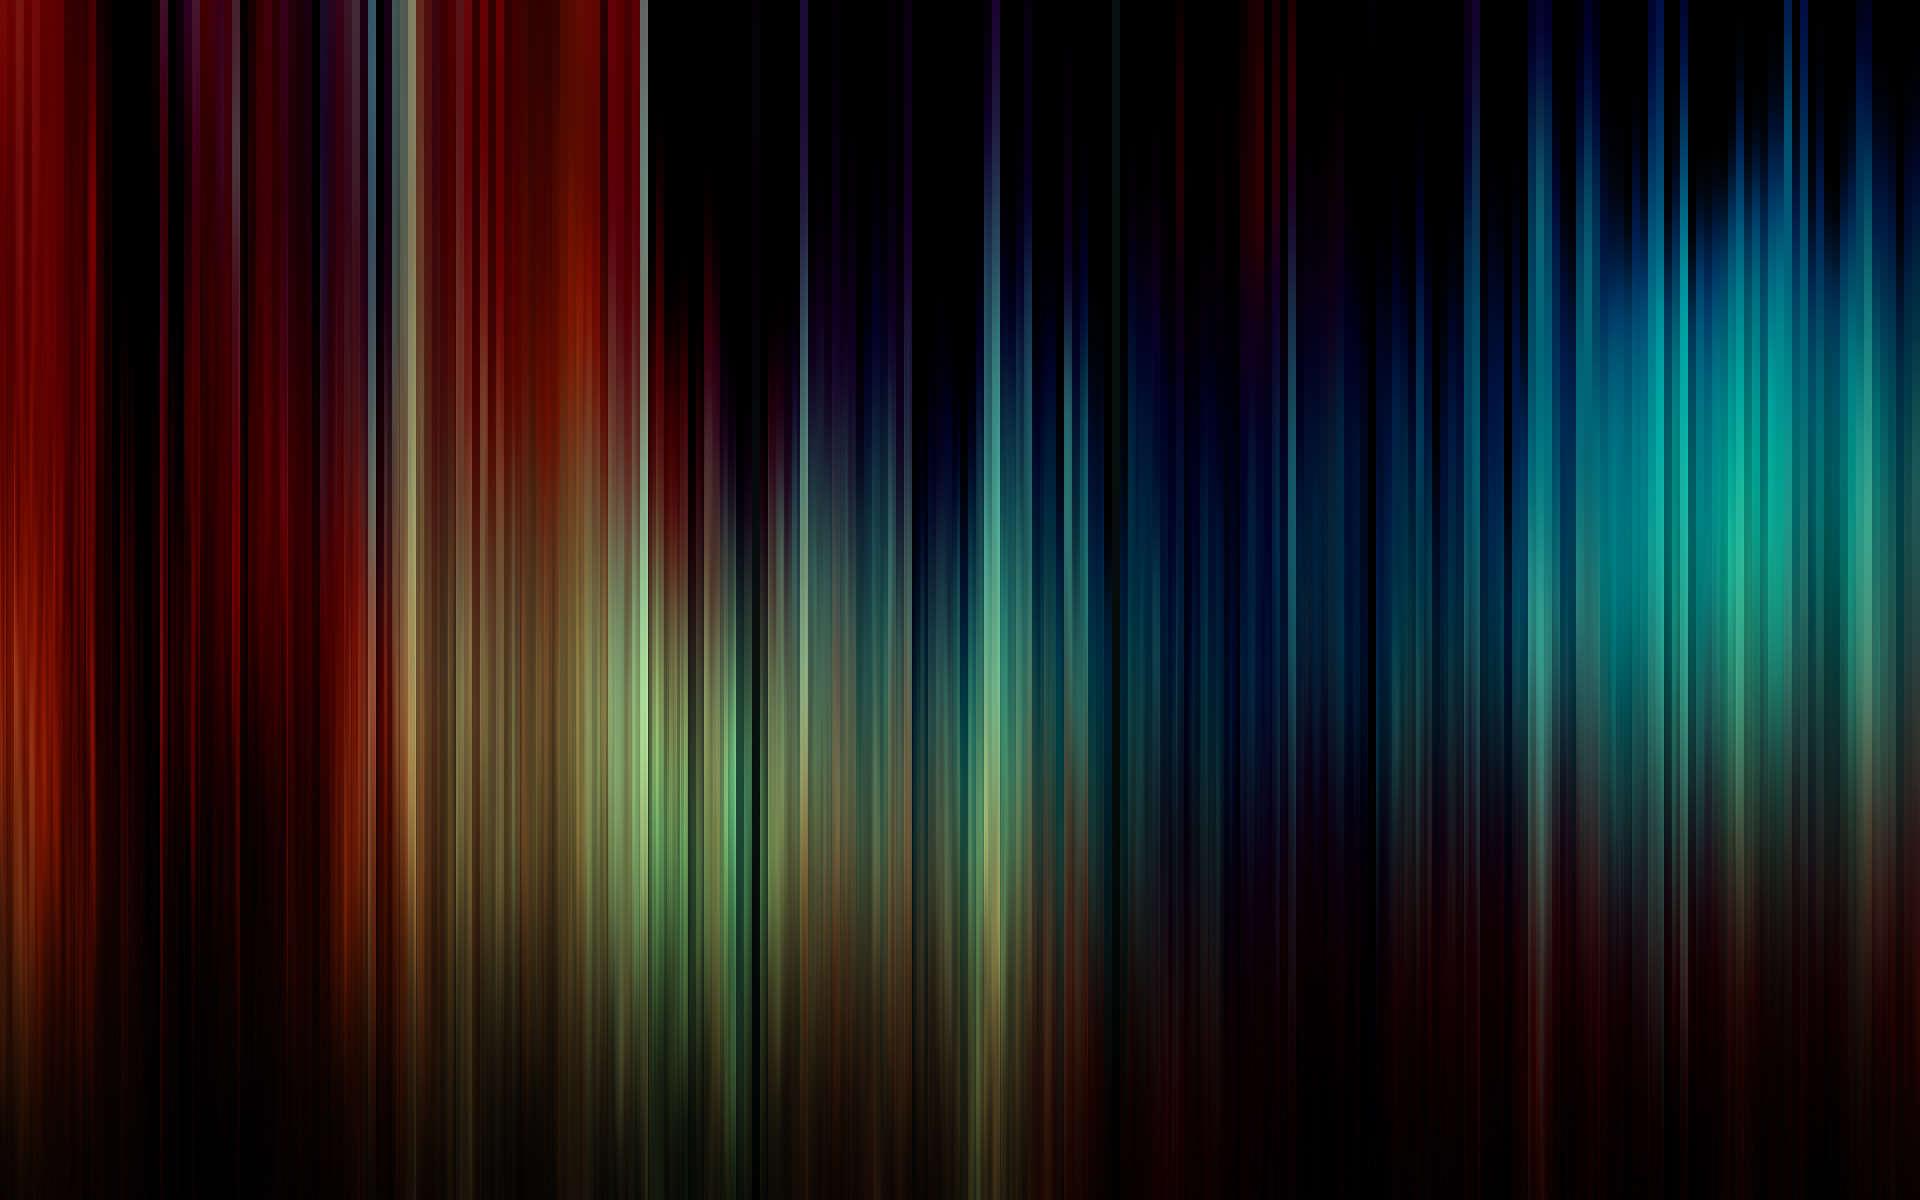 بالصور خلفيات الوان , صور ملونة جذابة 2239 7